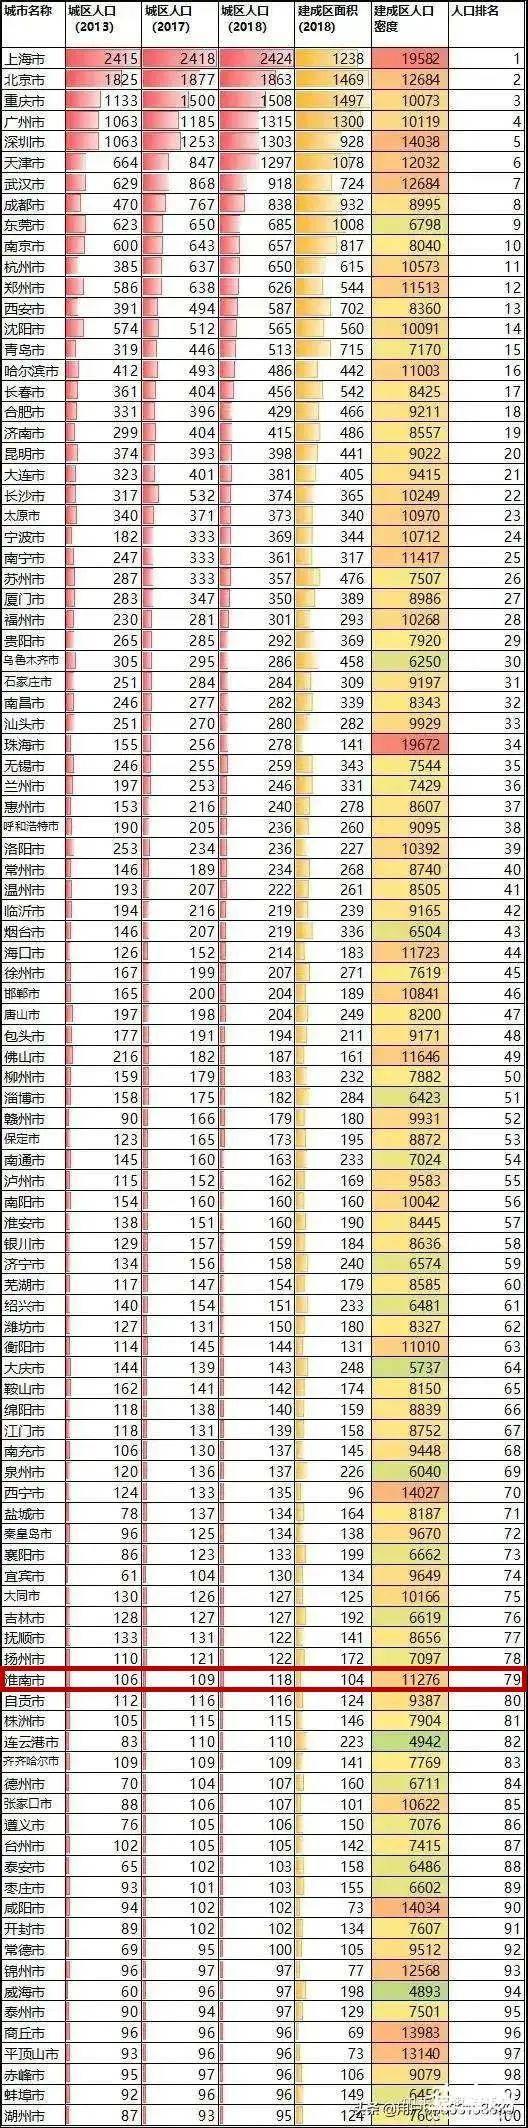 安徽县城人口排名_安徽最新人口排名,合肥常住人口增加191万,亳州跻身四强